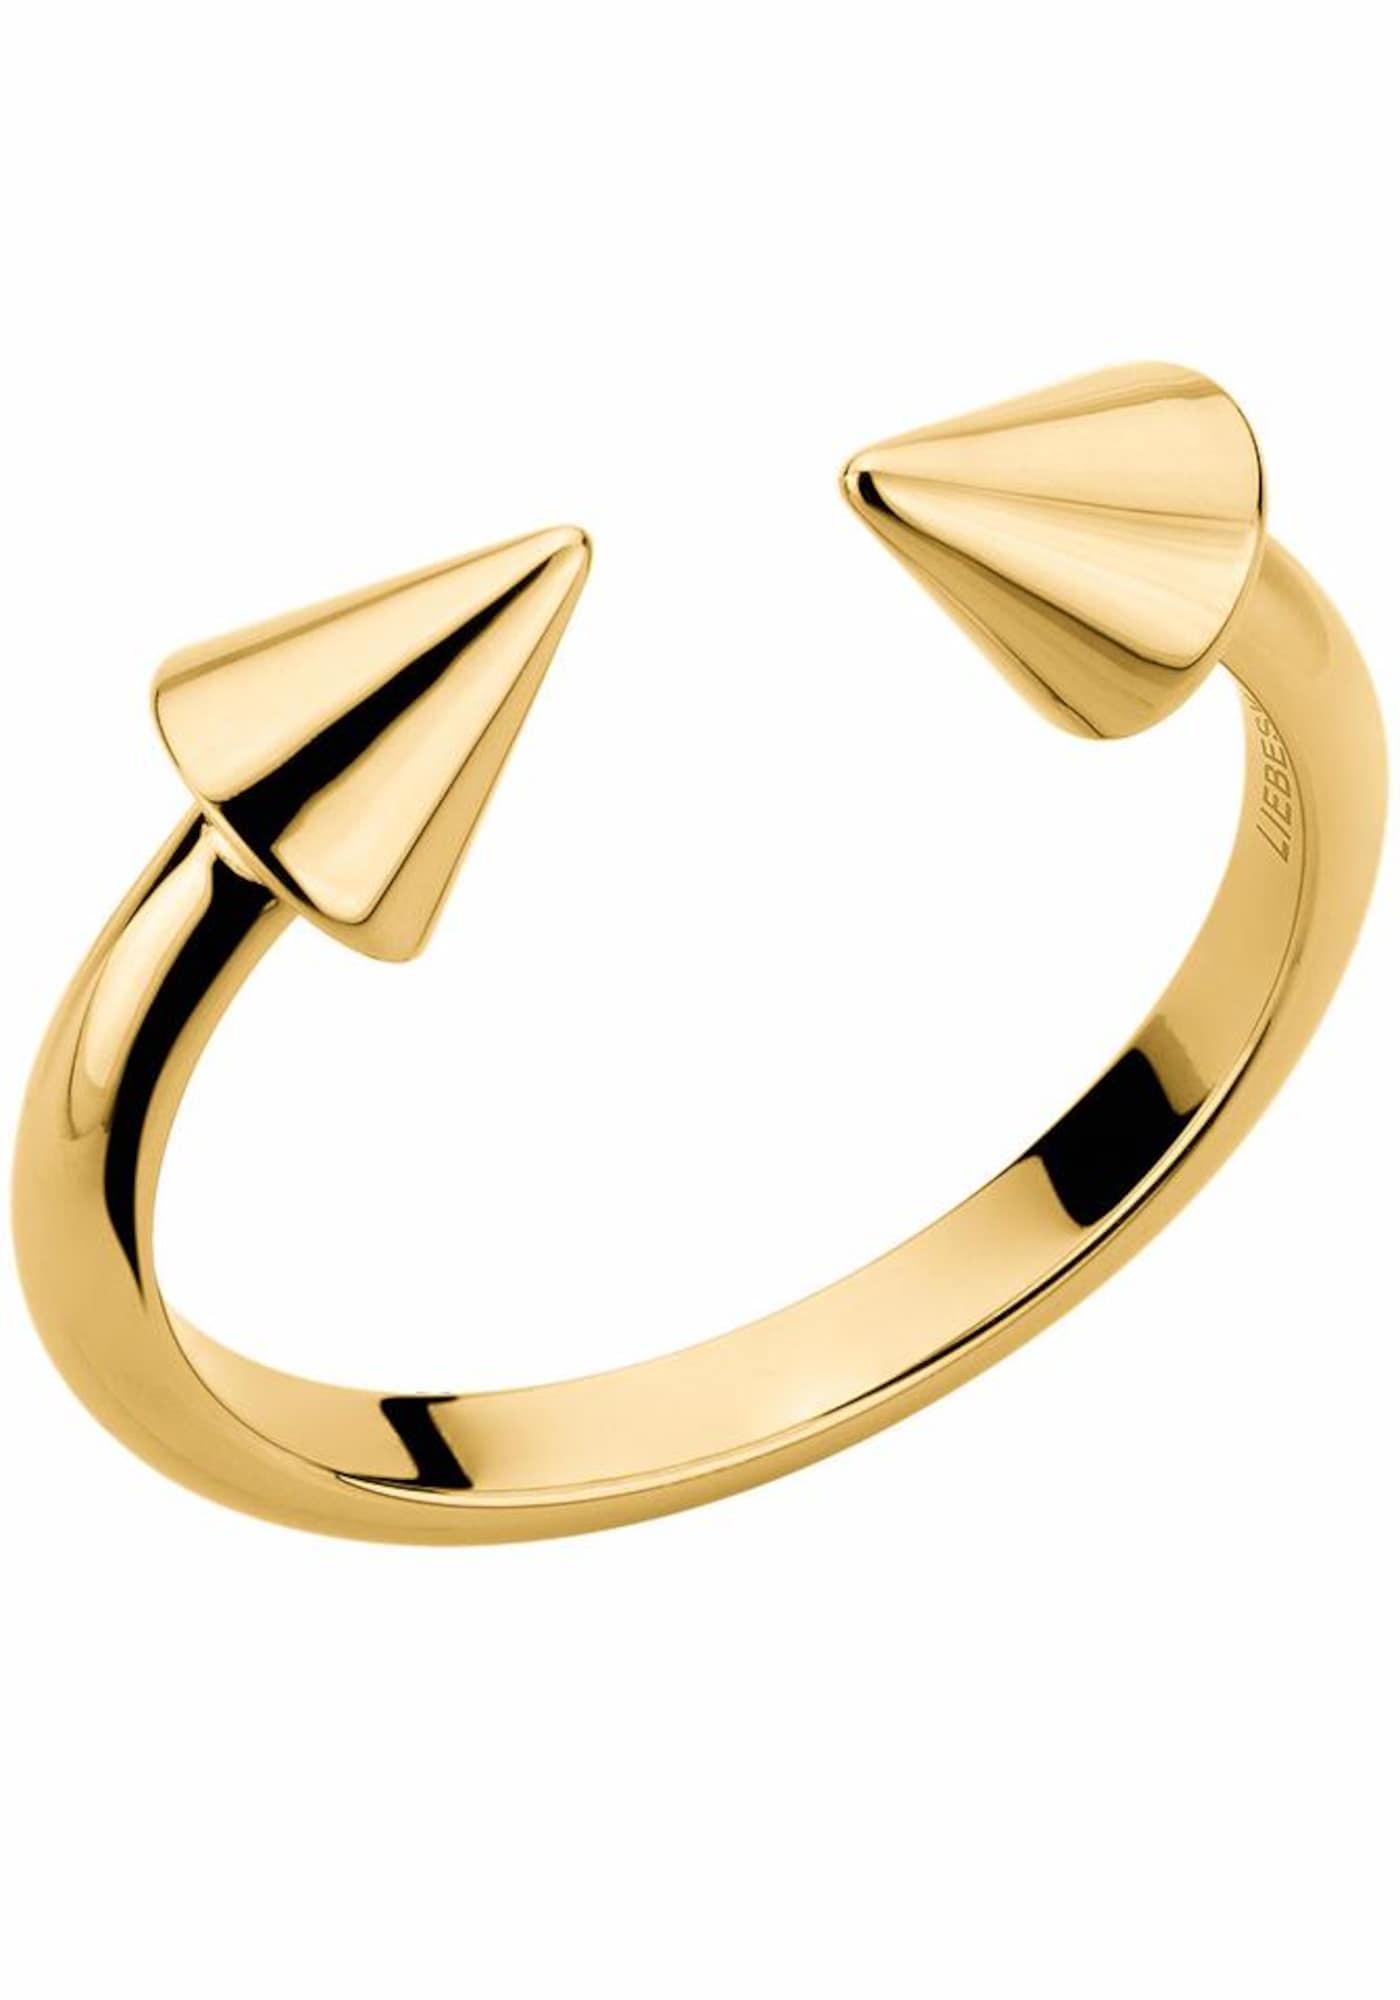 Fingerring 'LJ-0110-R' | Schmuck > Ringe > Fingerringe | Gold | liebeskind berlin